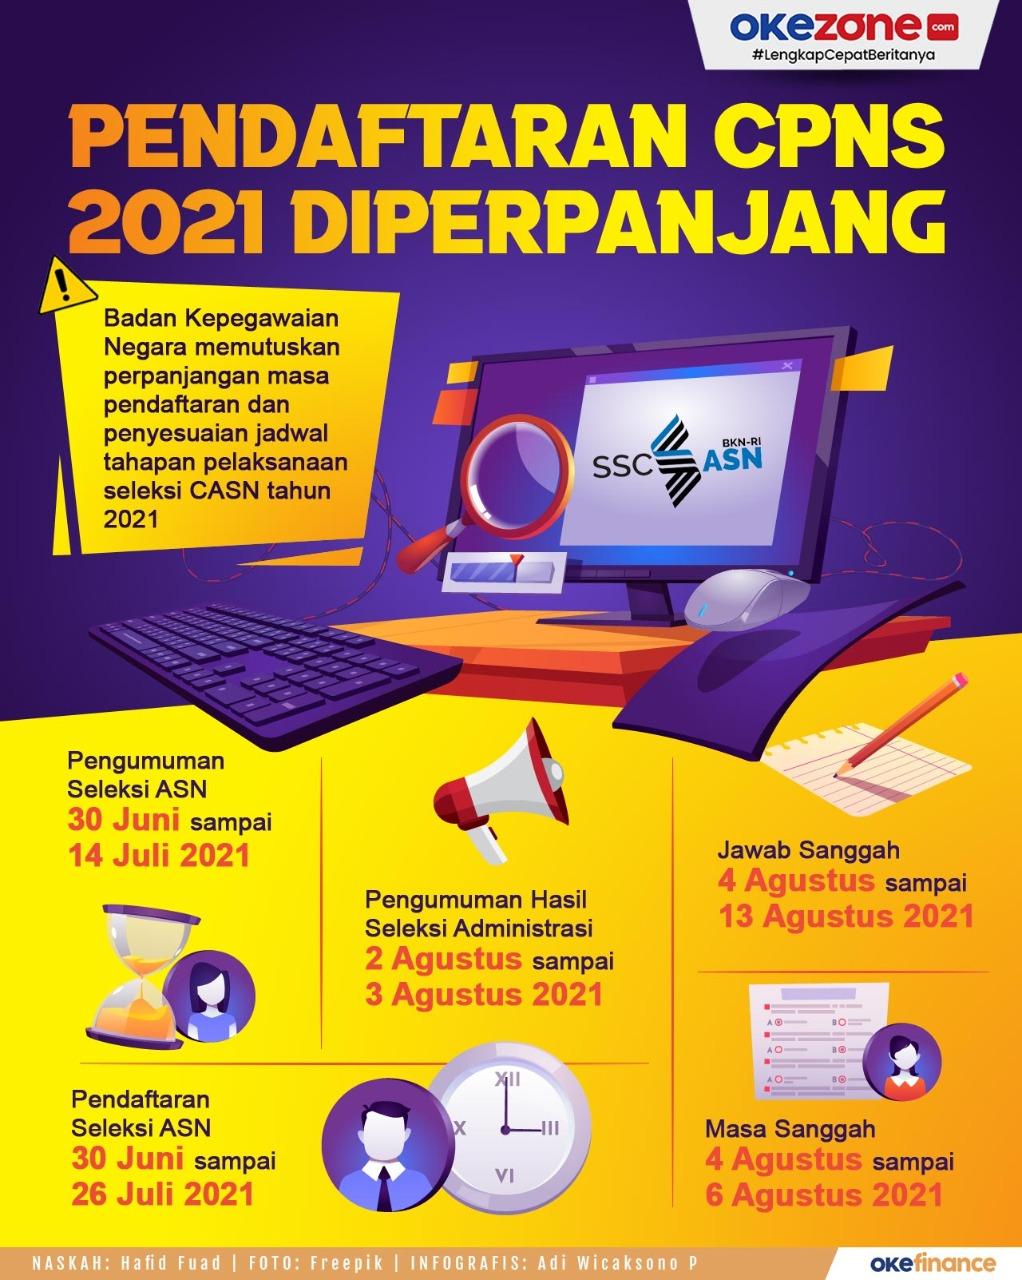 Pendaftaran CPNS 2021 Diperpanjang -